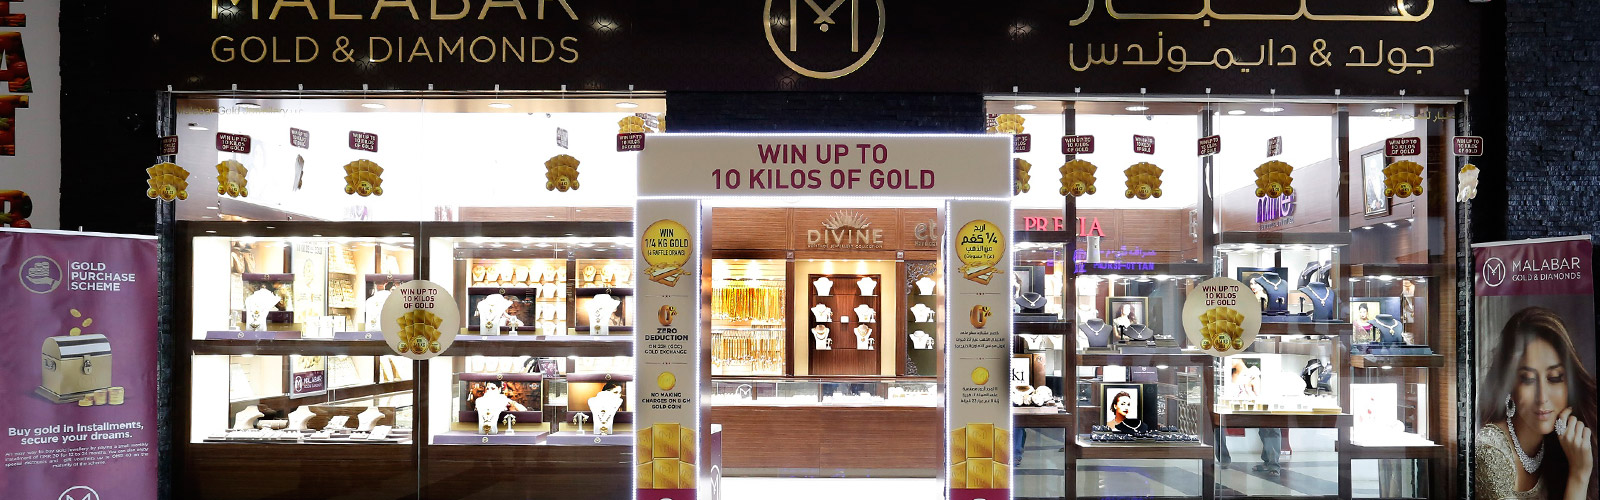 malabar gold amp diamonds stores in salalah salalah